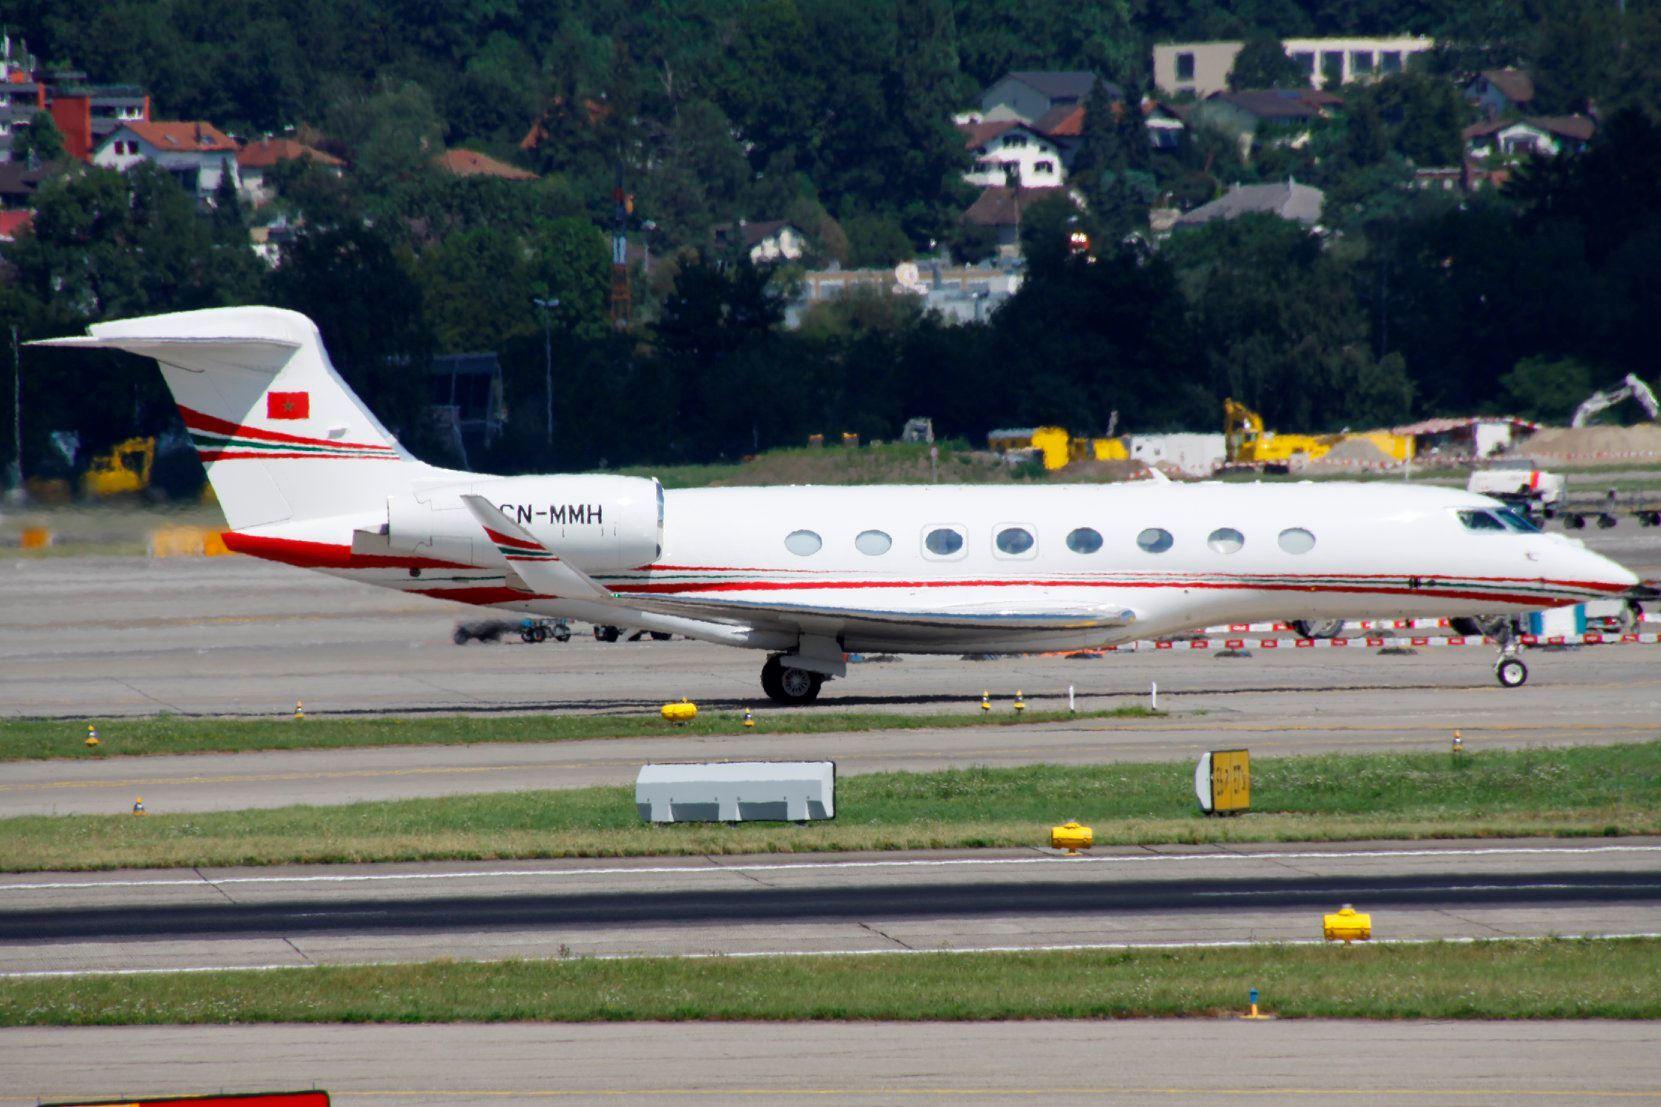 FRA: Avions VIP, Liaison & ECM - Page 23 67893310